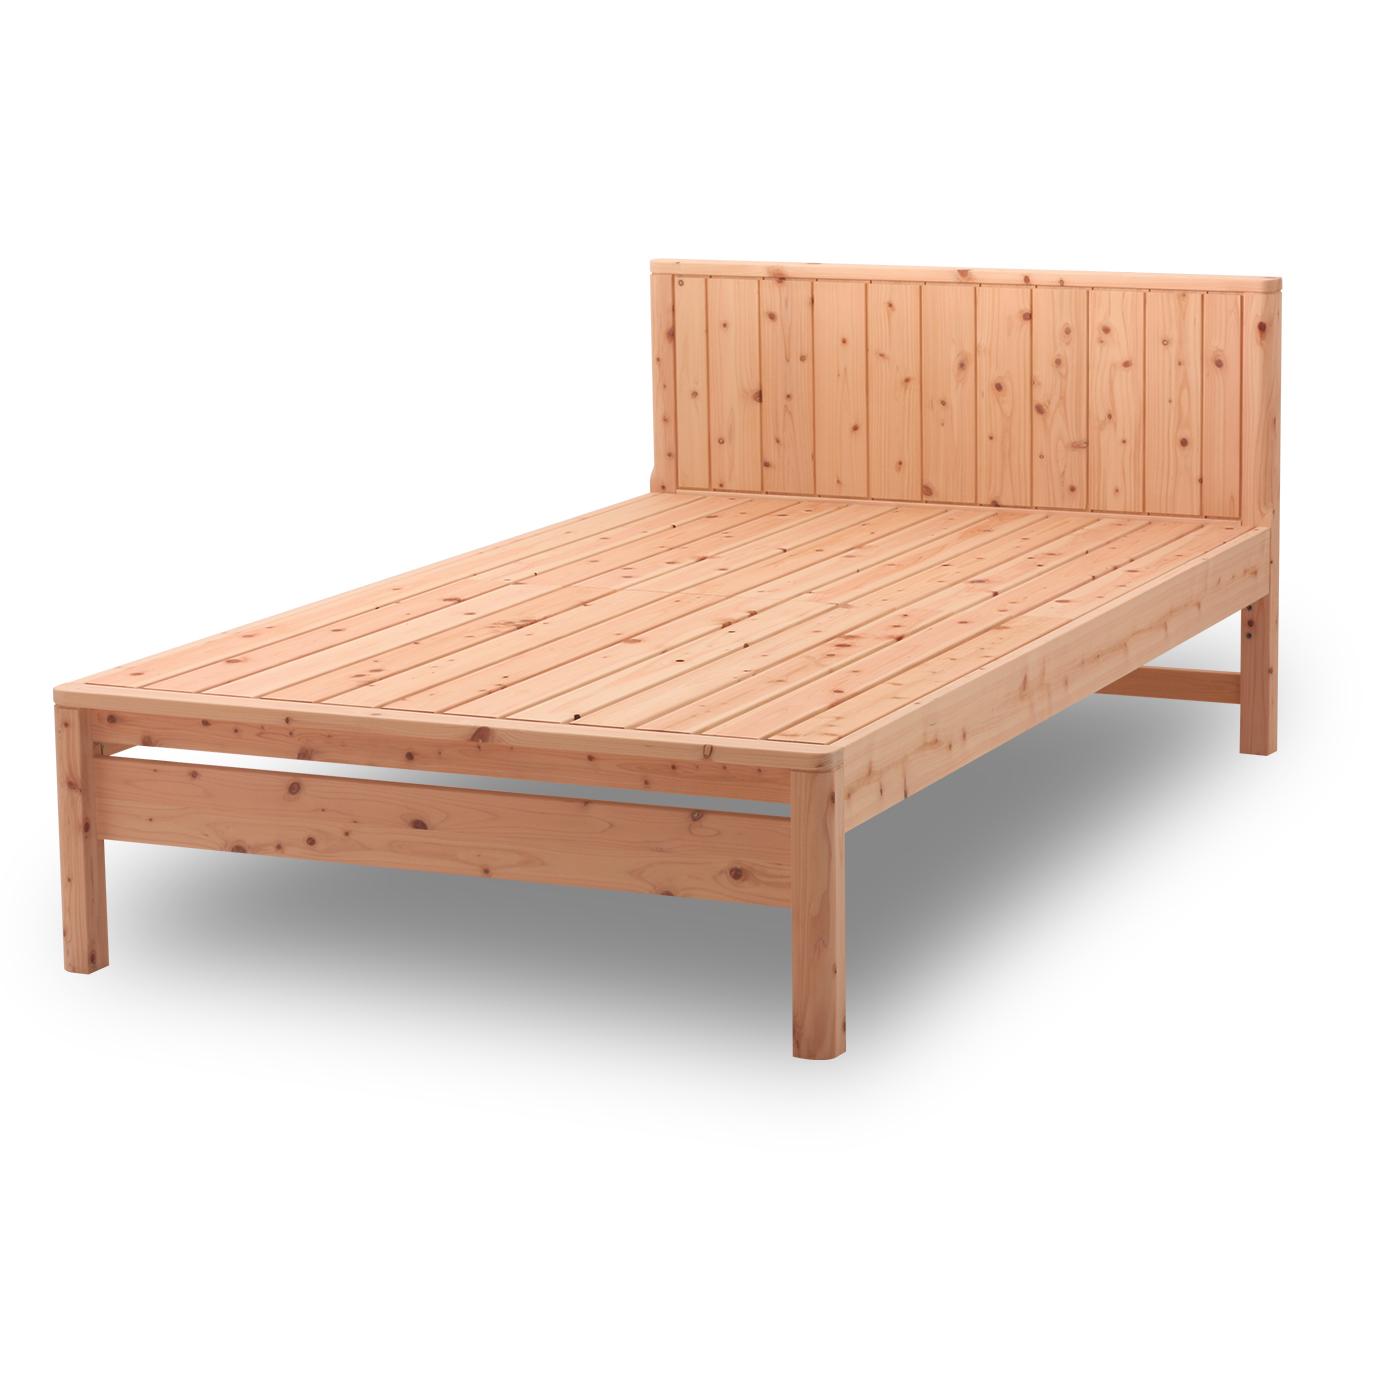 すのこベッド 国産 ひのきすのこベッド ぴったり並べて使えます | 島根県産高知四万十産ひのきを使いました